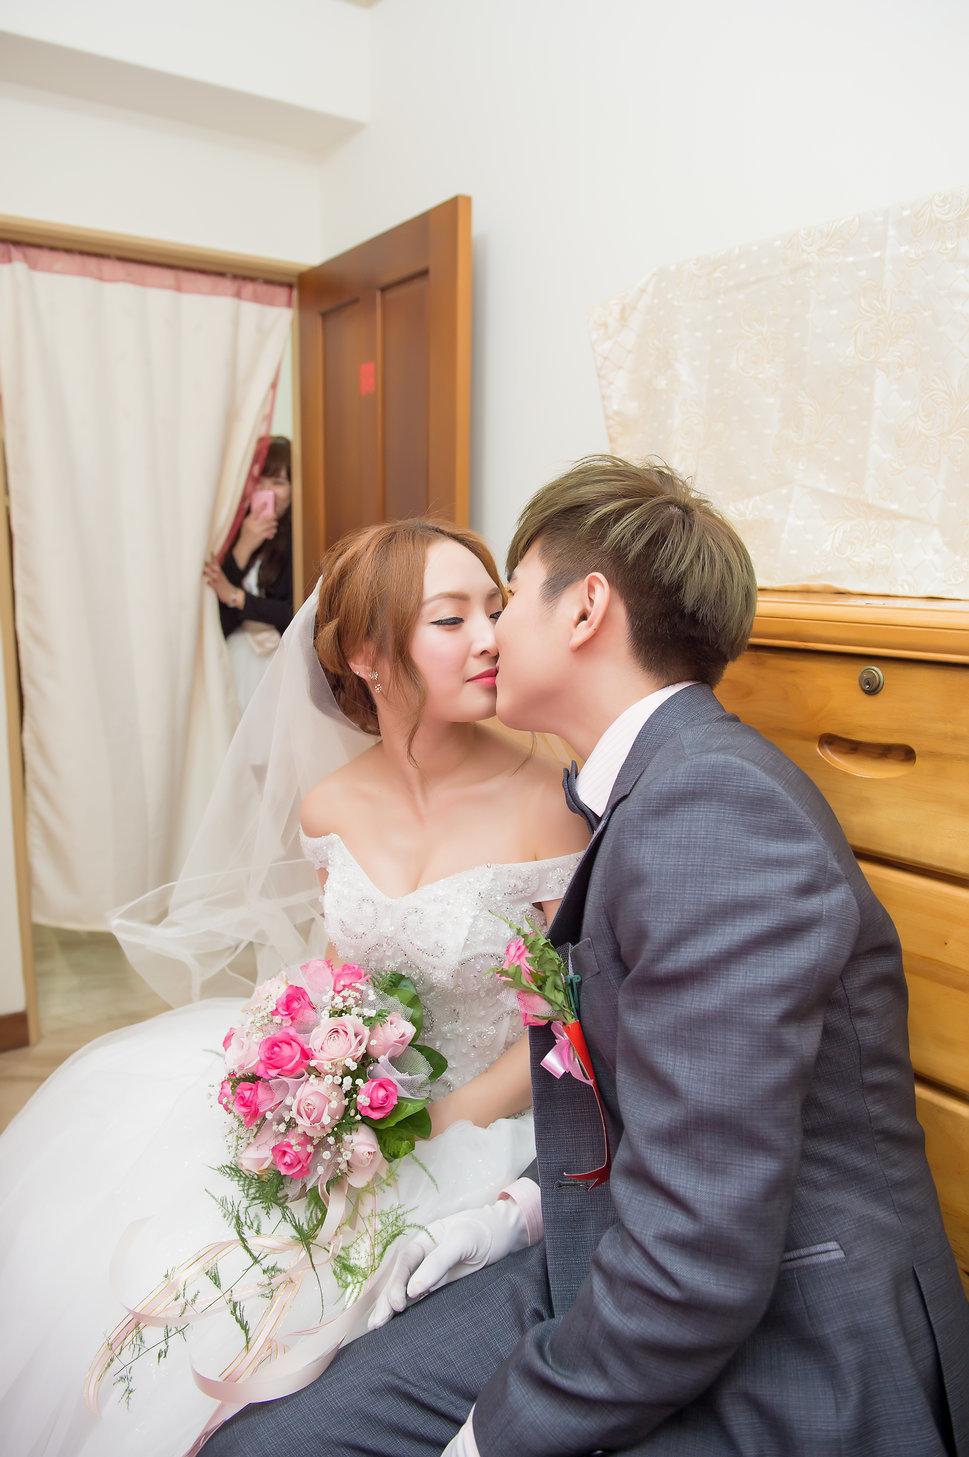 [台北婚攝] 訂婚迎娶儀式@雙岩龍鳳城(編號:432277) - LoveStoryAllen IMAGE - 結婚吧一站式婚禮服務平台